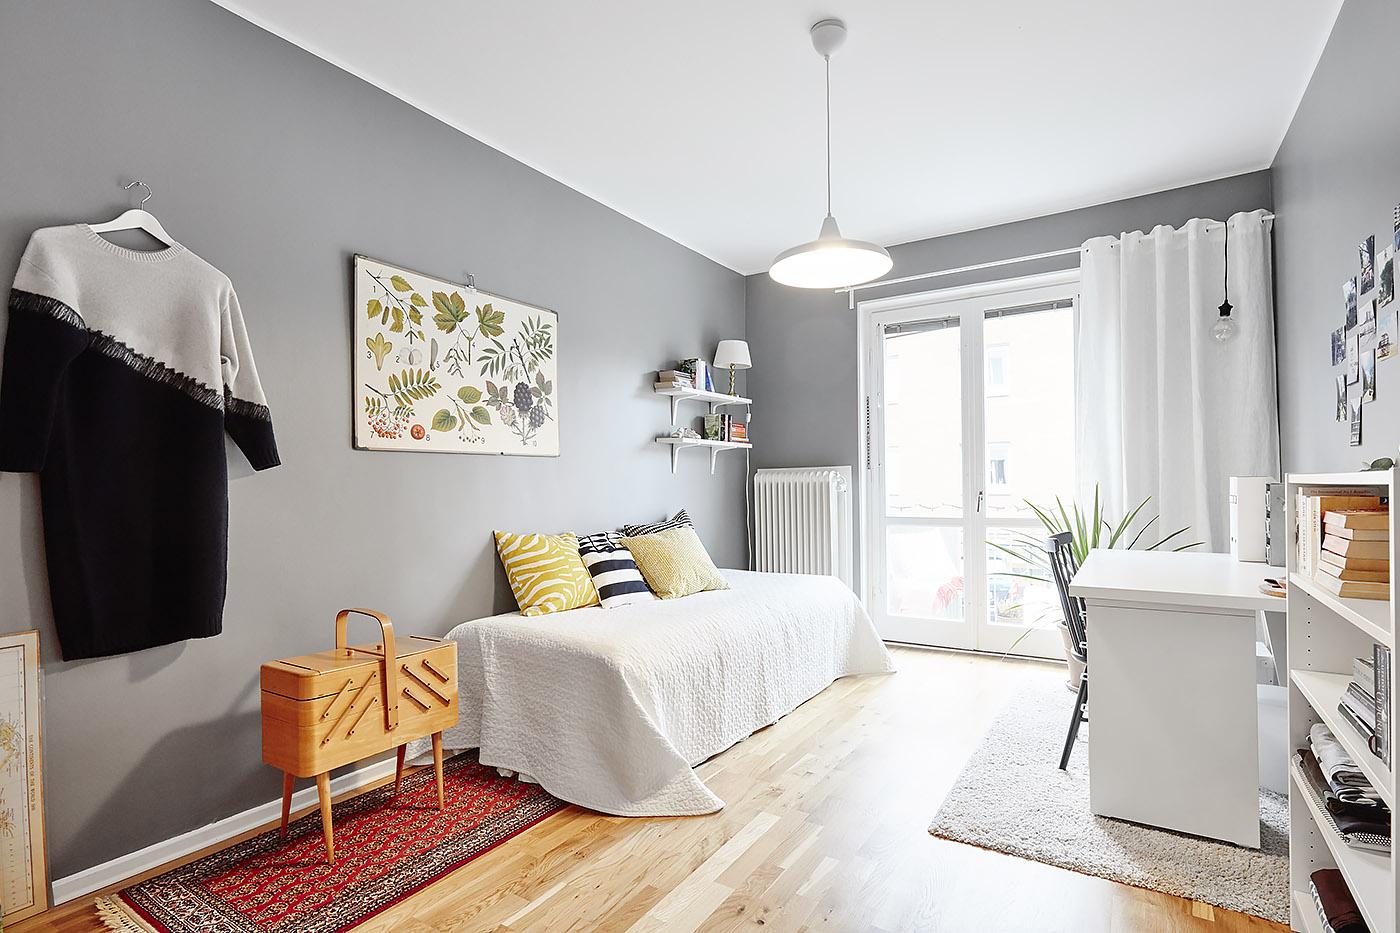 Habitaciones juveniles de estilo n rdico blog tienda for Decoracion dormitorio gris